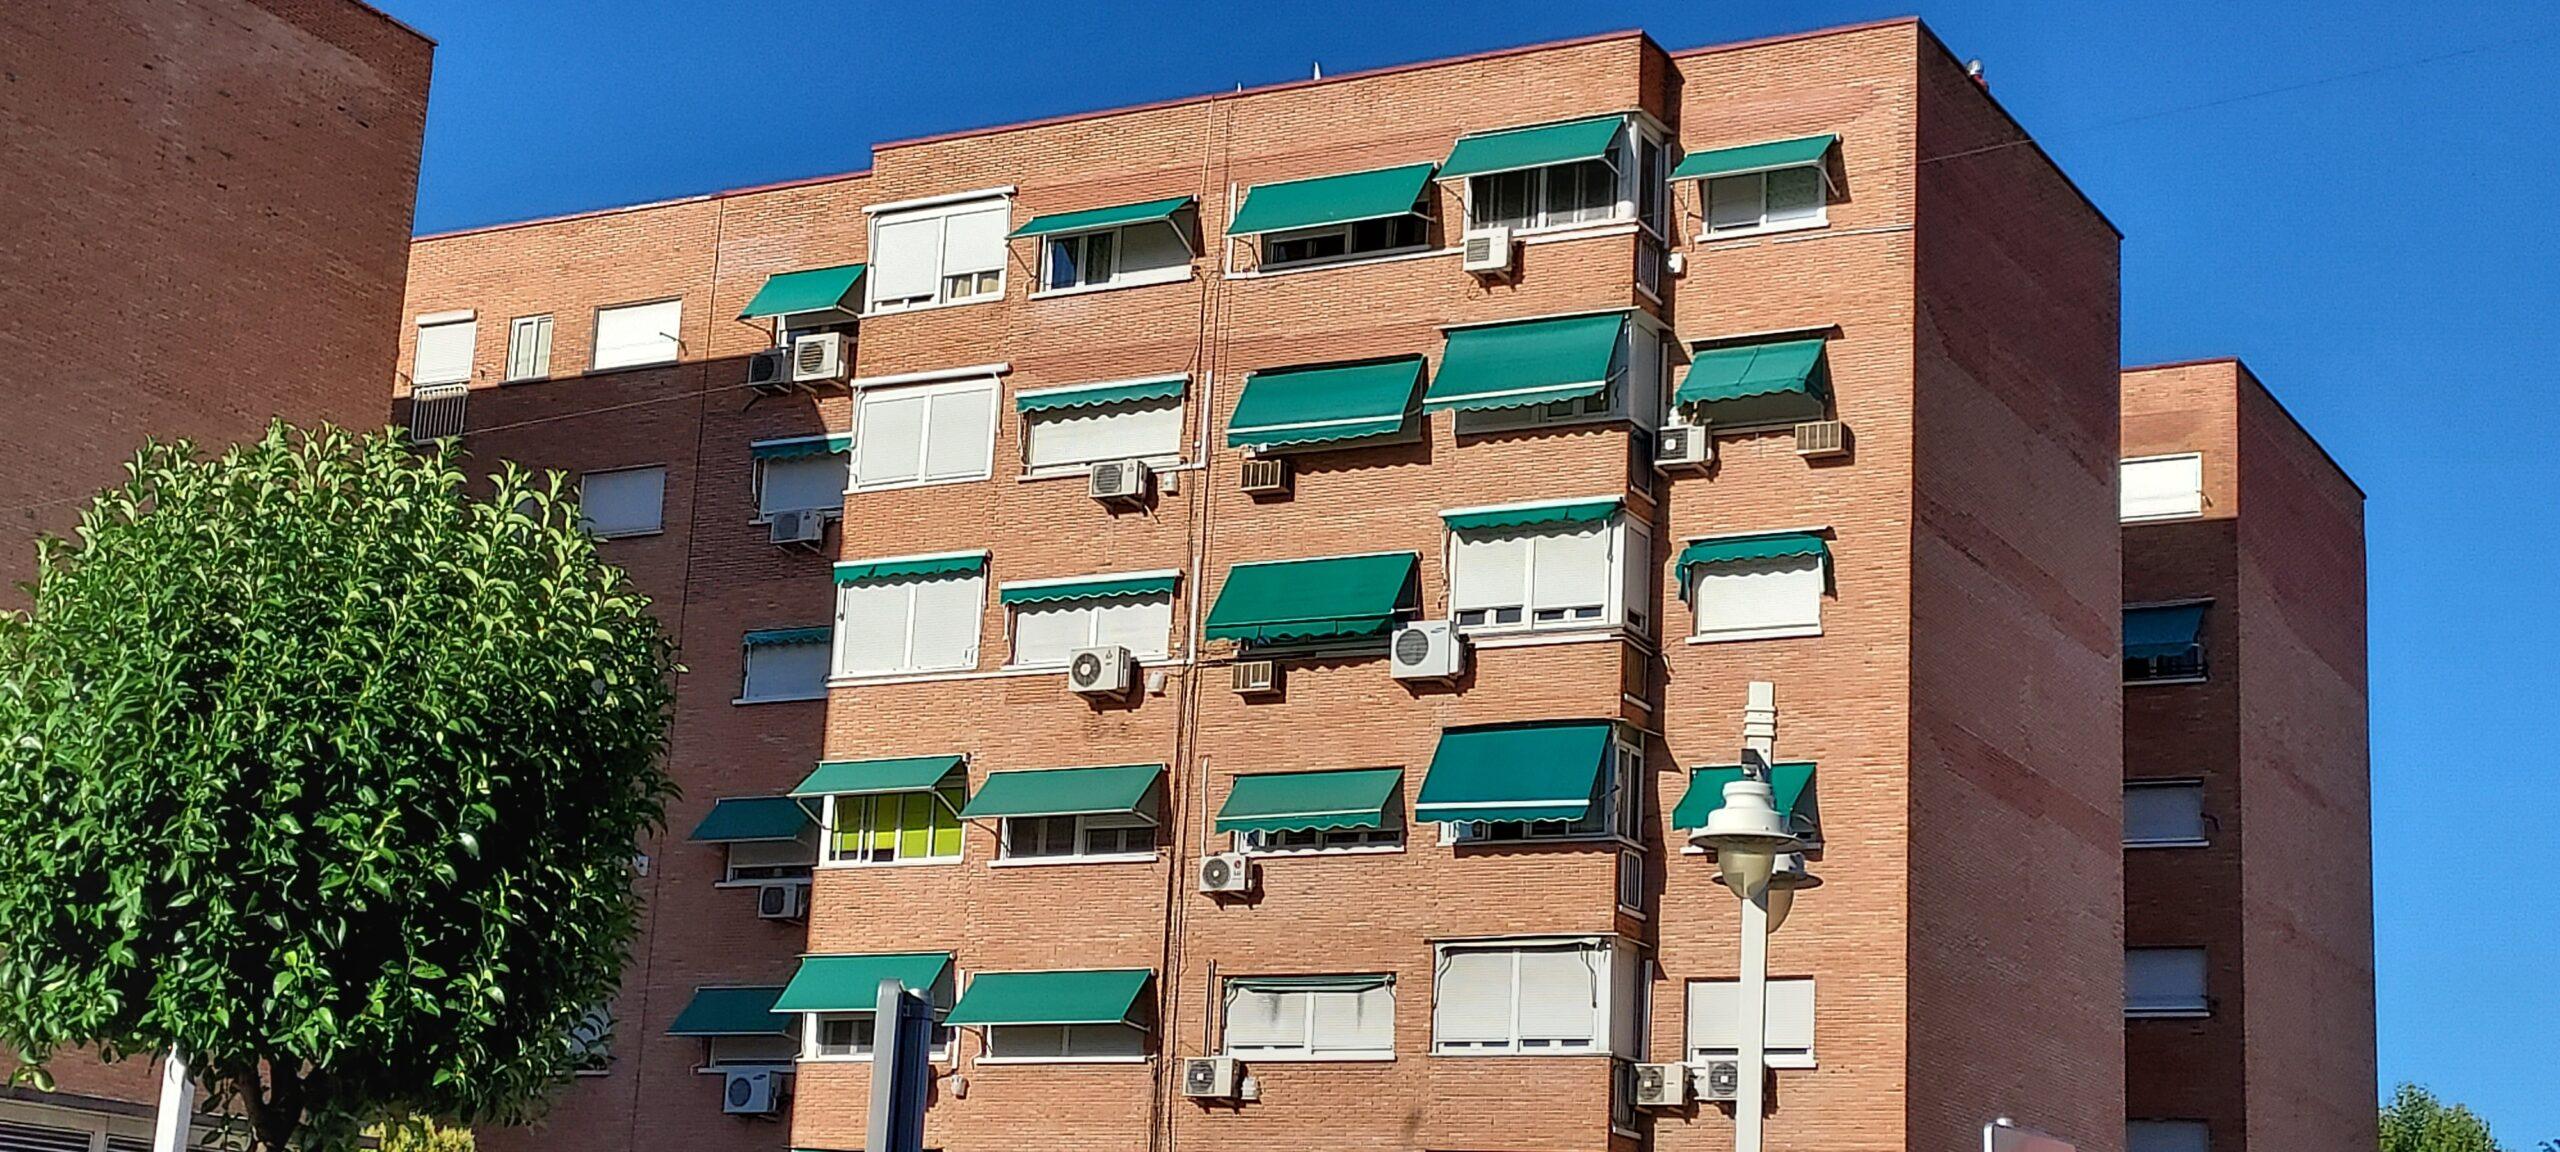 Comunidades de vecinos (ACS, fotovoltaica y aerotermia para acs comunitaria)